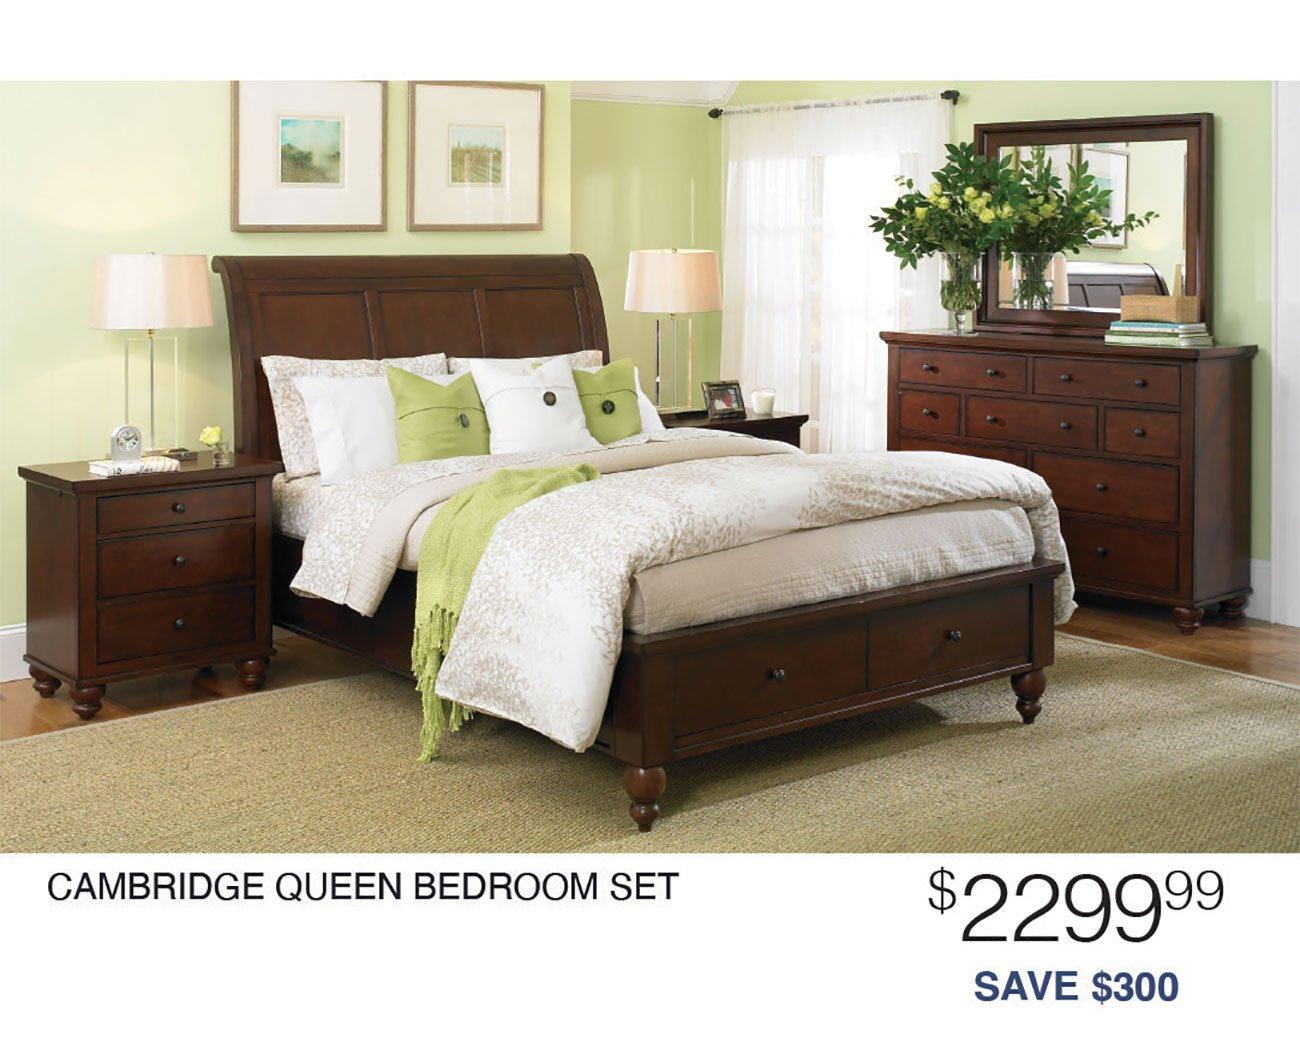 Cambridge-Queen-Bedroom-Set